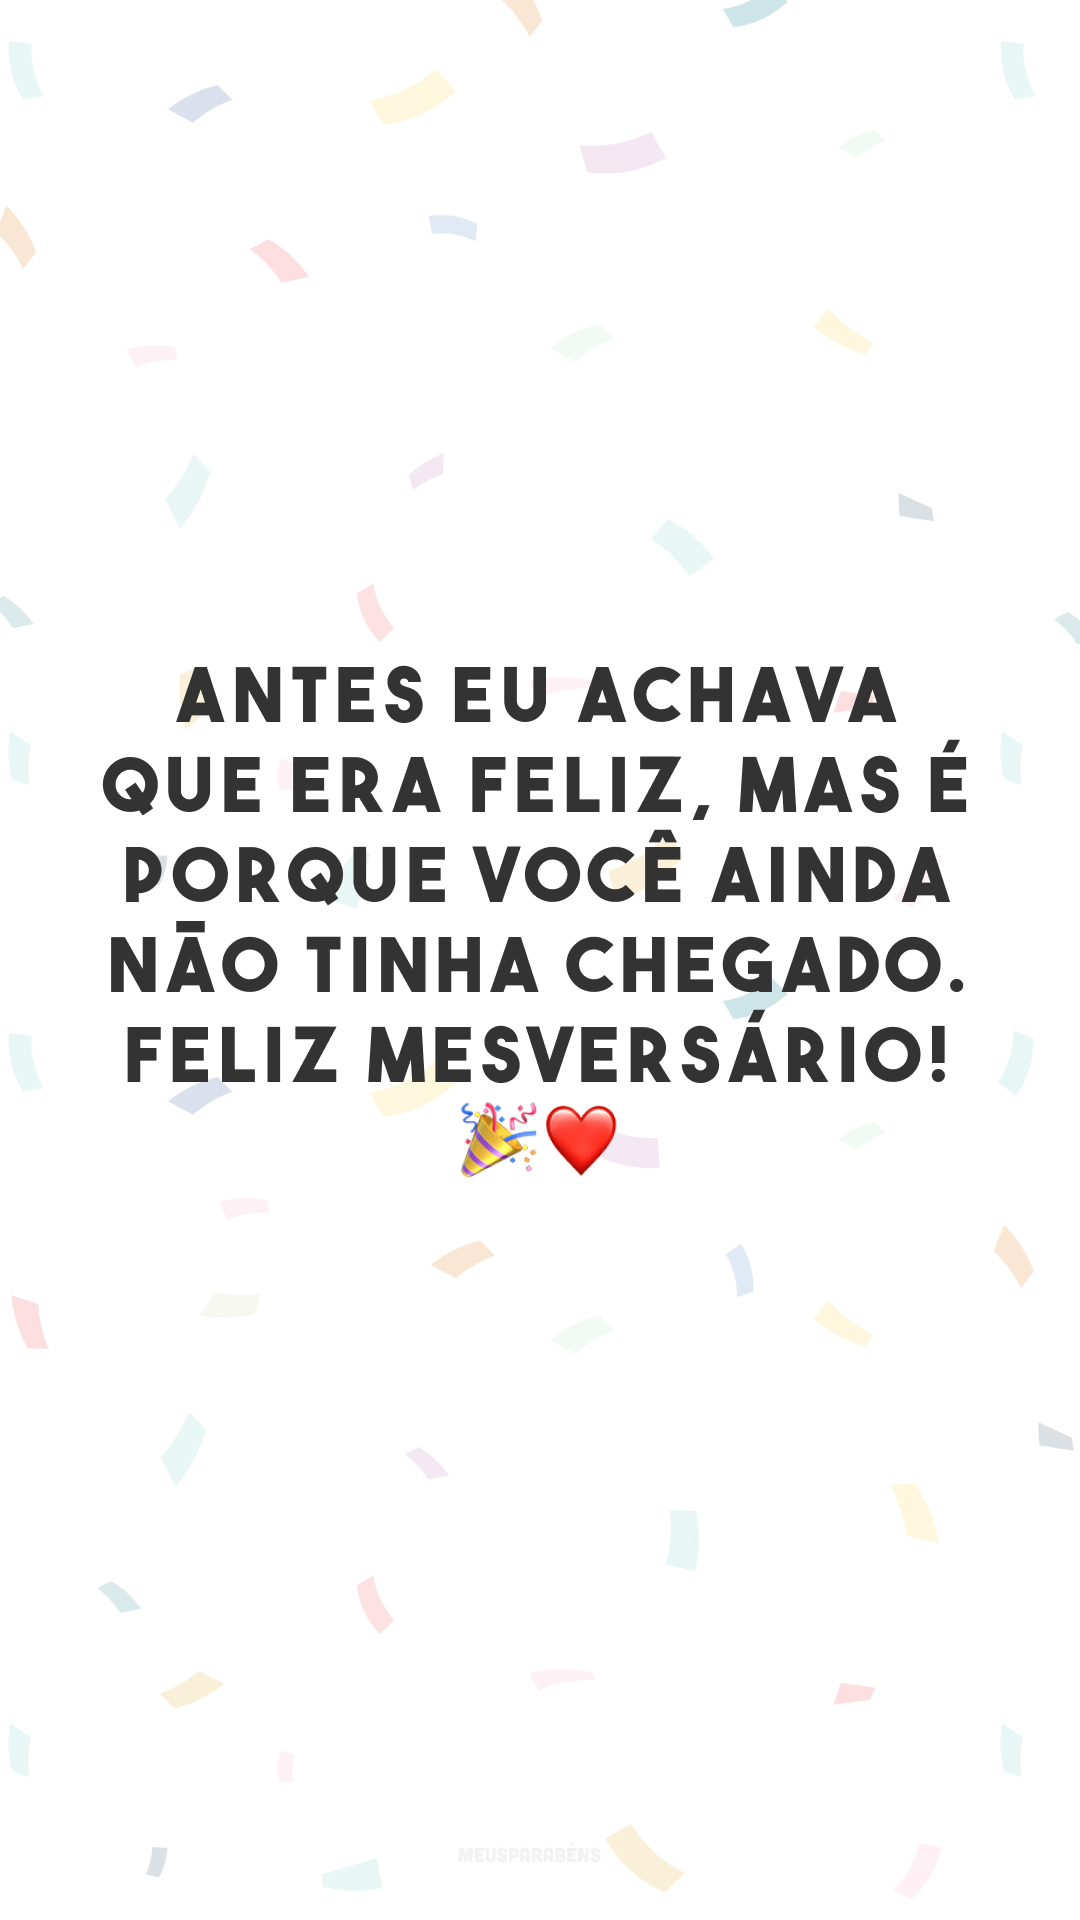 Antes eu achava que era feliz, mas é porque você ainda não tinha chegado. Feliz mesversário! 🎉❤